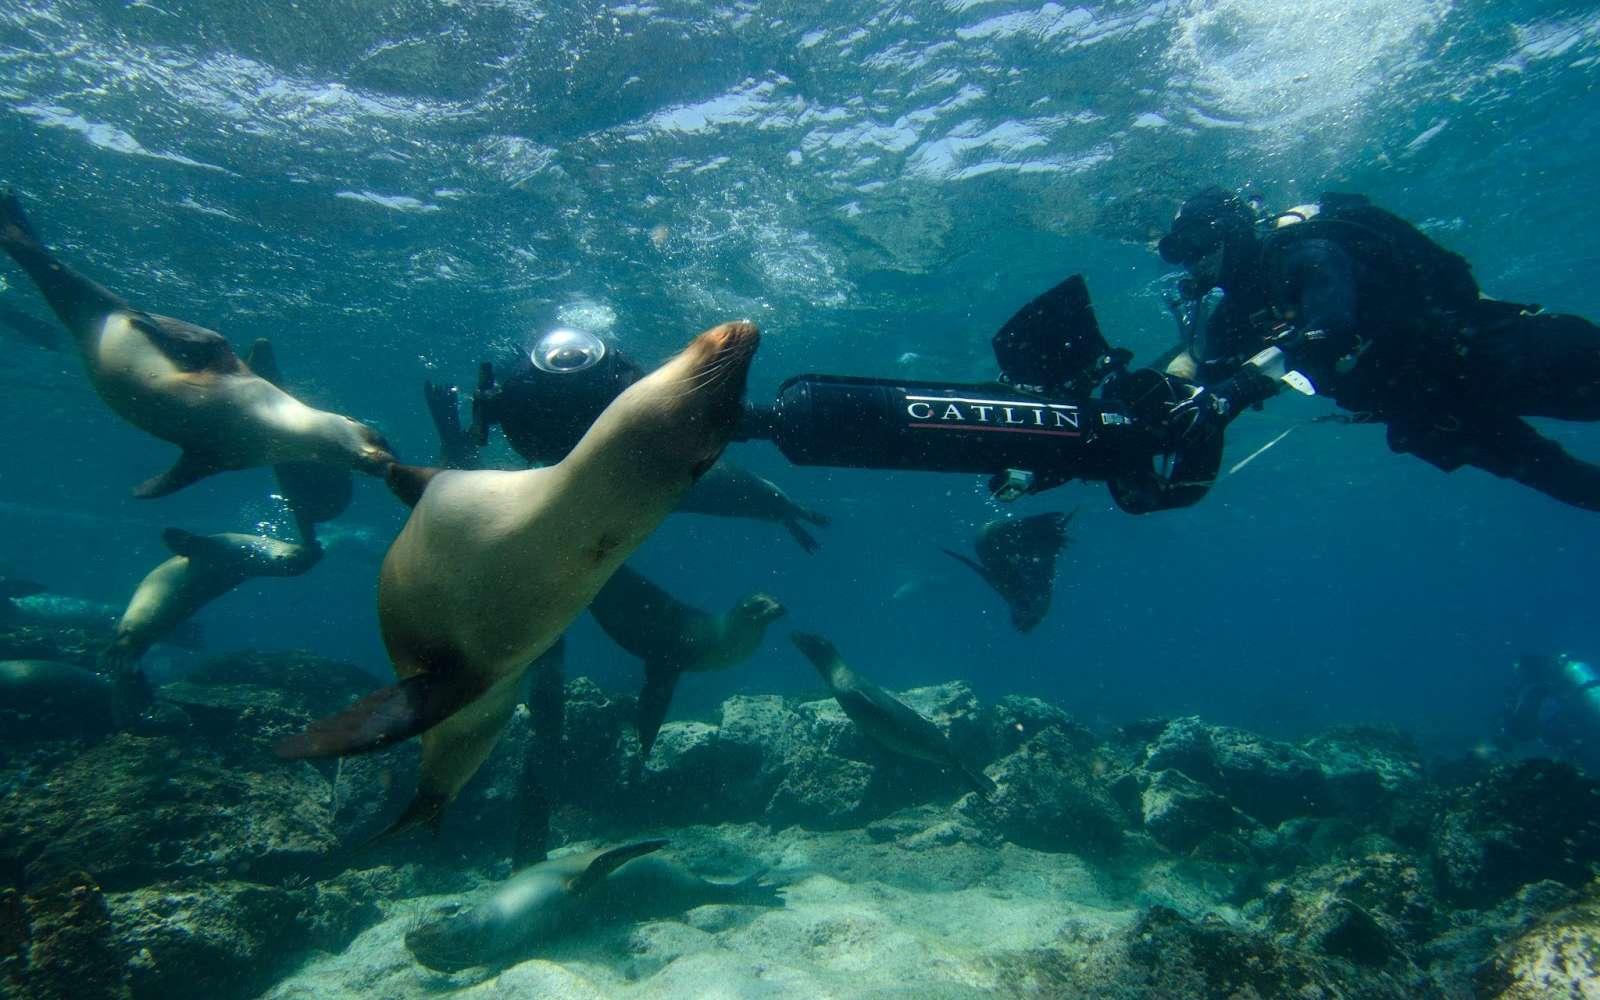 Christophe Bailhache pilote la caméra SVII autour d'un groupe d'otaries à l'île Champion des Galápagos. © Catlin Seaview Survey